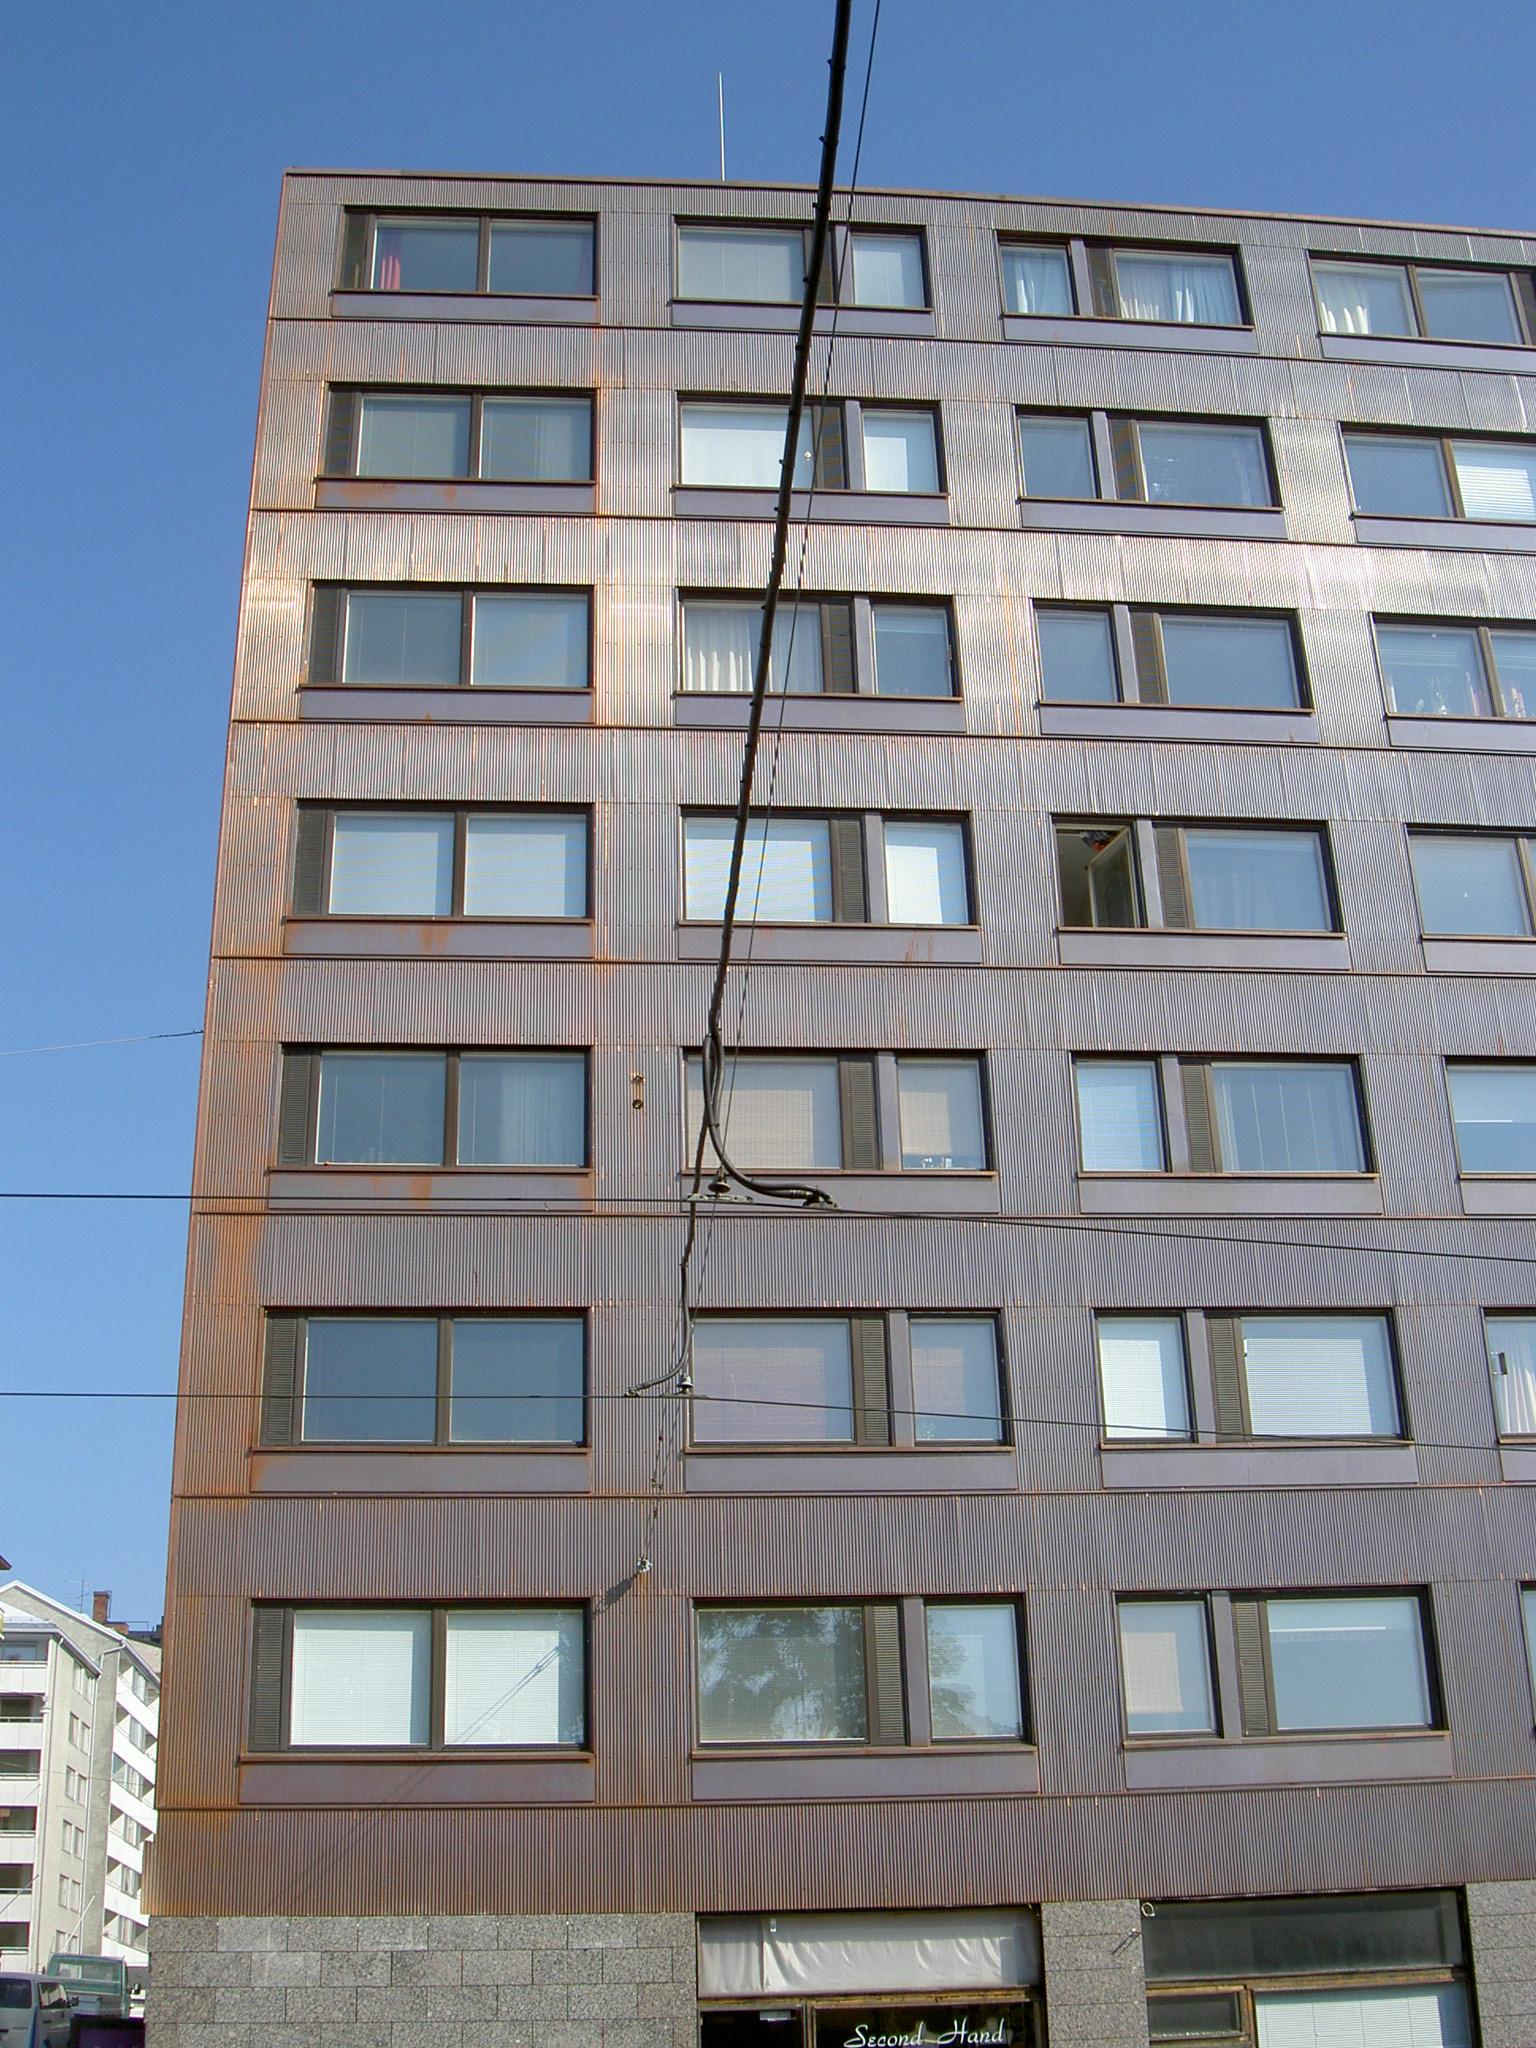 Panouri arhitecturale din cupru AURUBIS - Poza 107